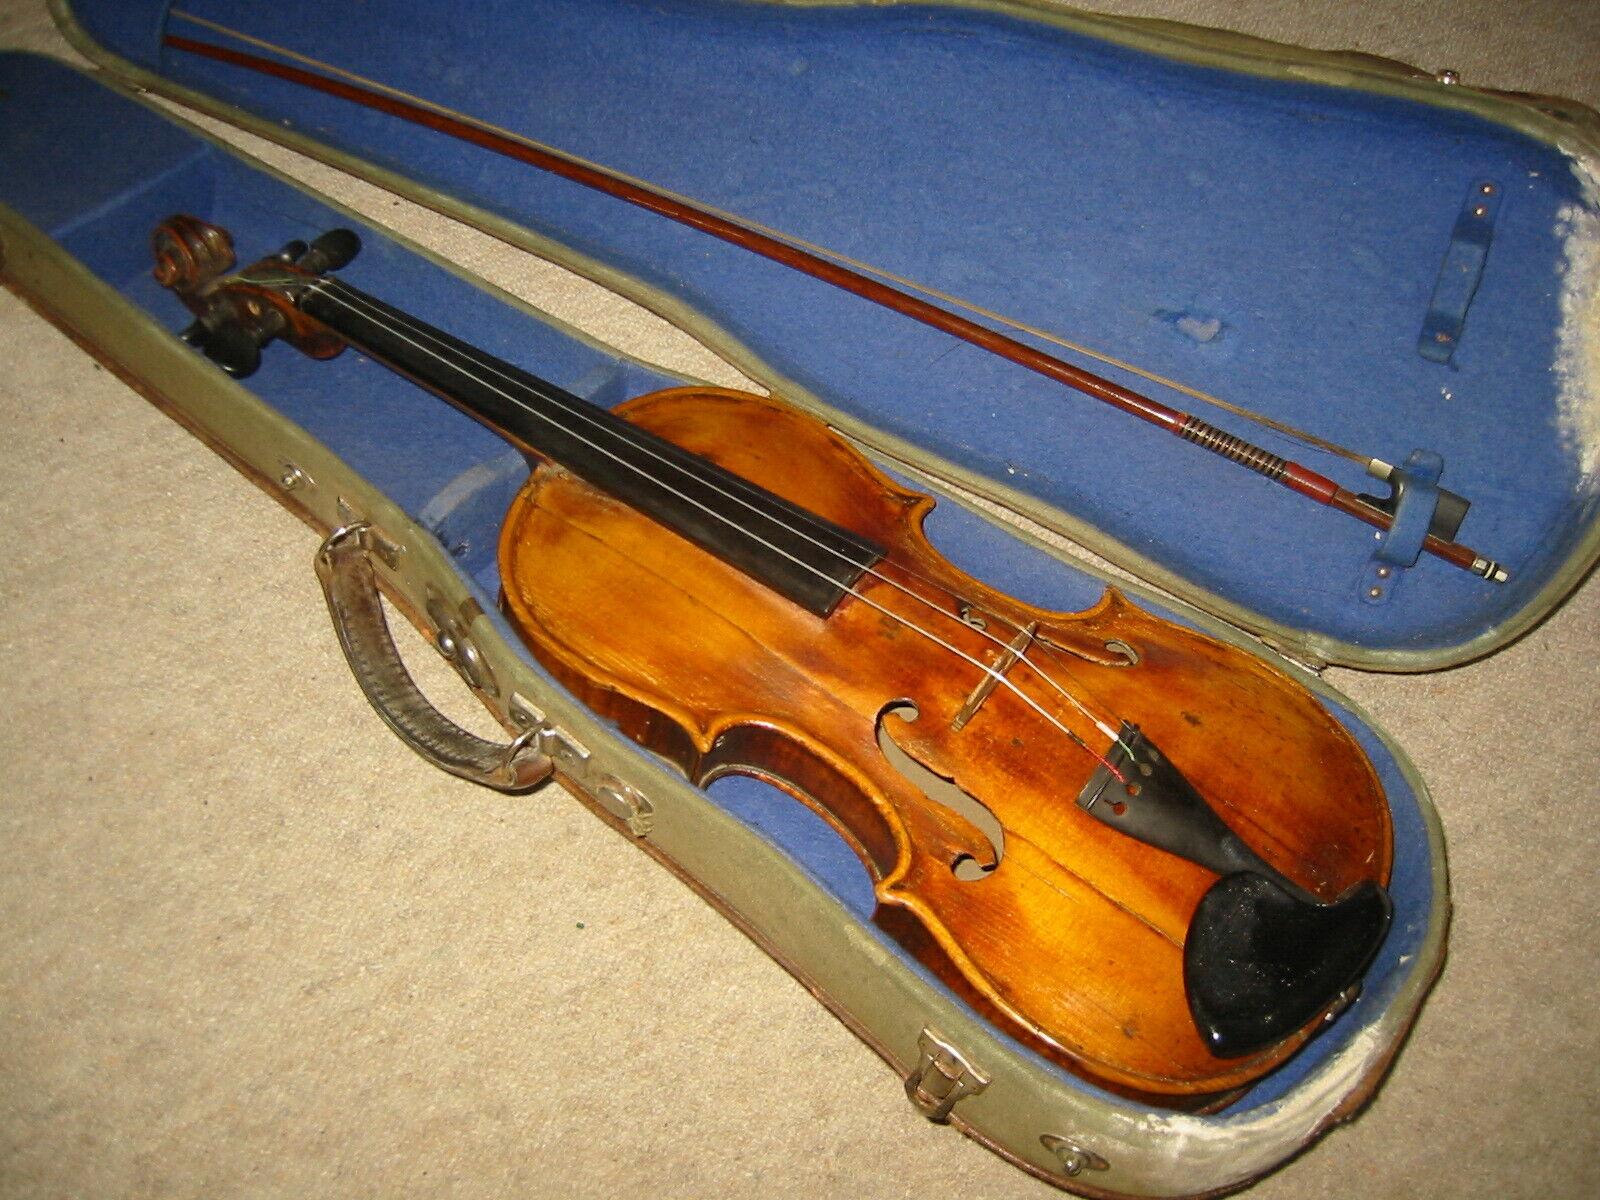 Gut gebrannt, sehr alte Geige, muss repariert werden